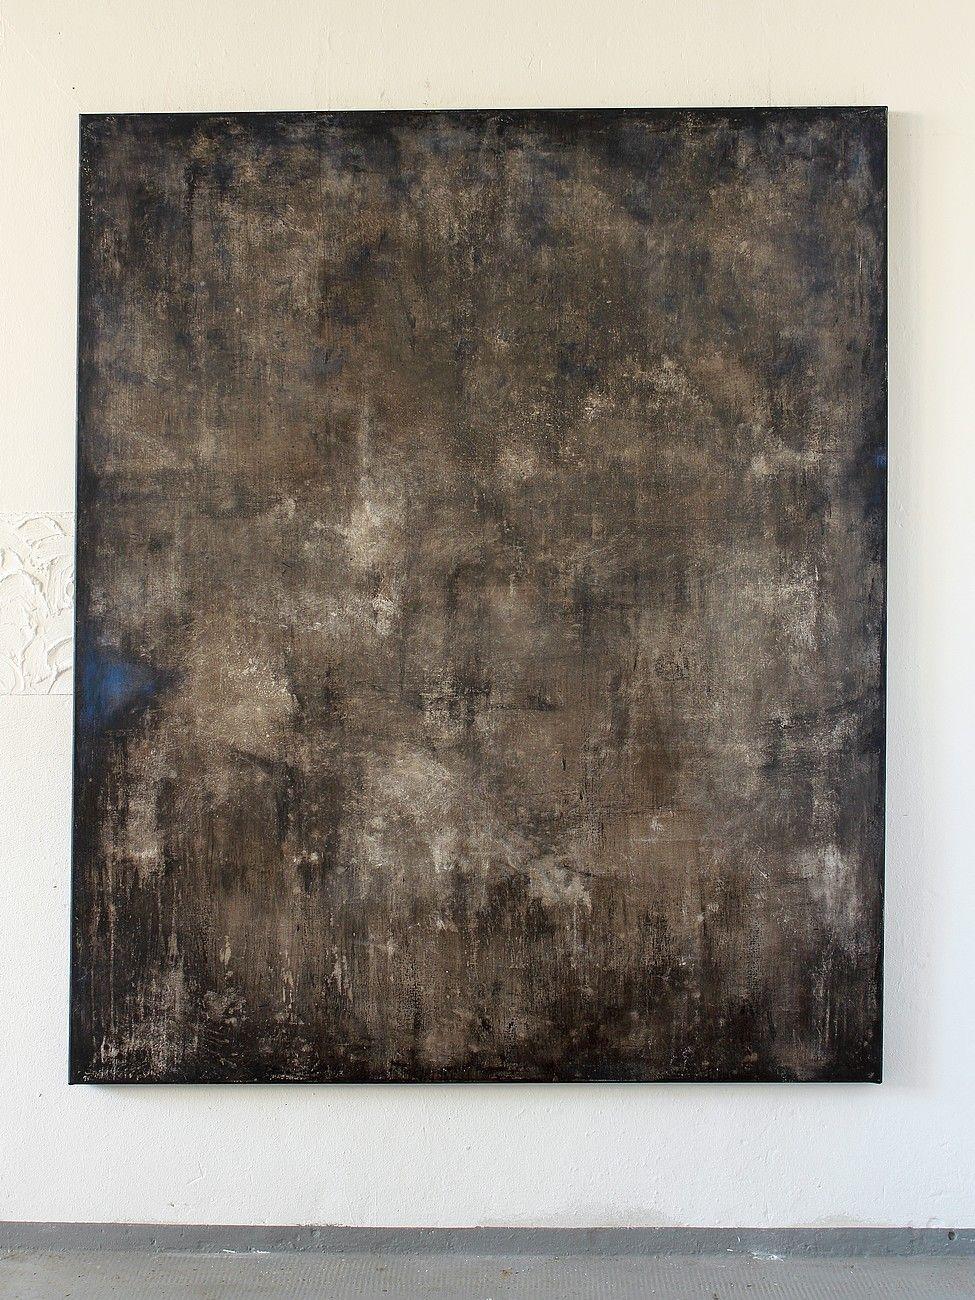 CHRISTIAN HETZEL - outshinning blue 2015 - 180 x 150 x 4 cm - Acryl auf Leinwand, a